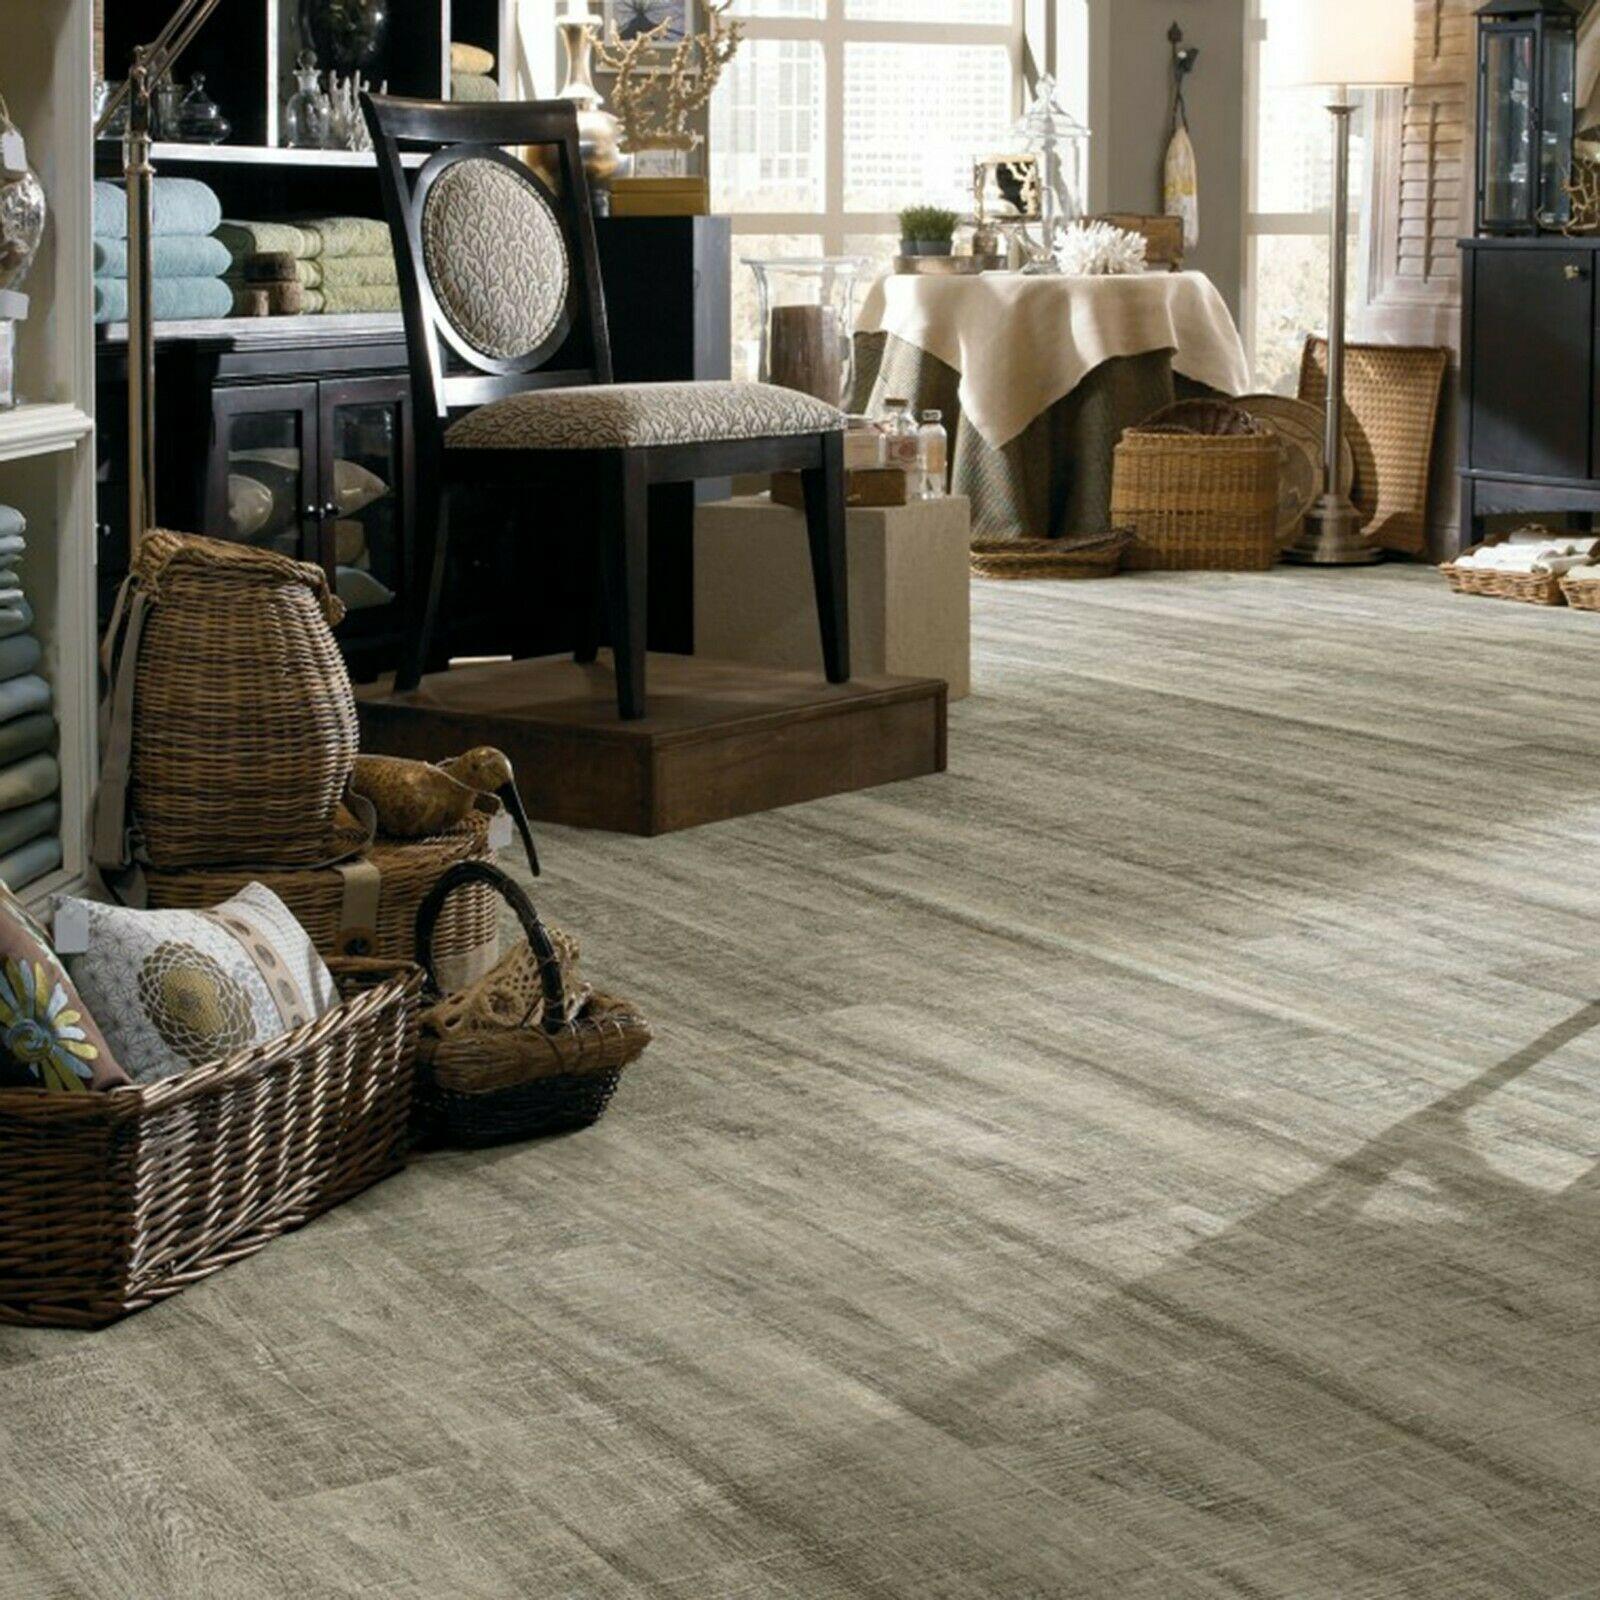 FlooringInc COREtec Plus 7 Vinyl Planks 71/8 x 48 plank